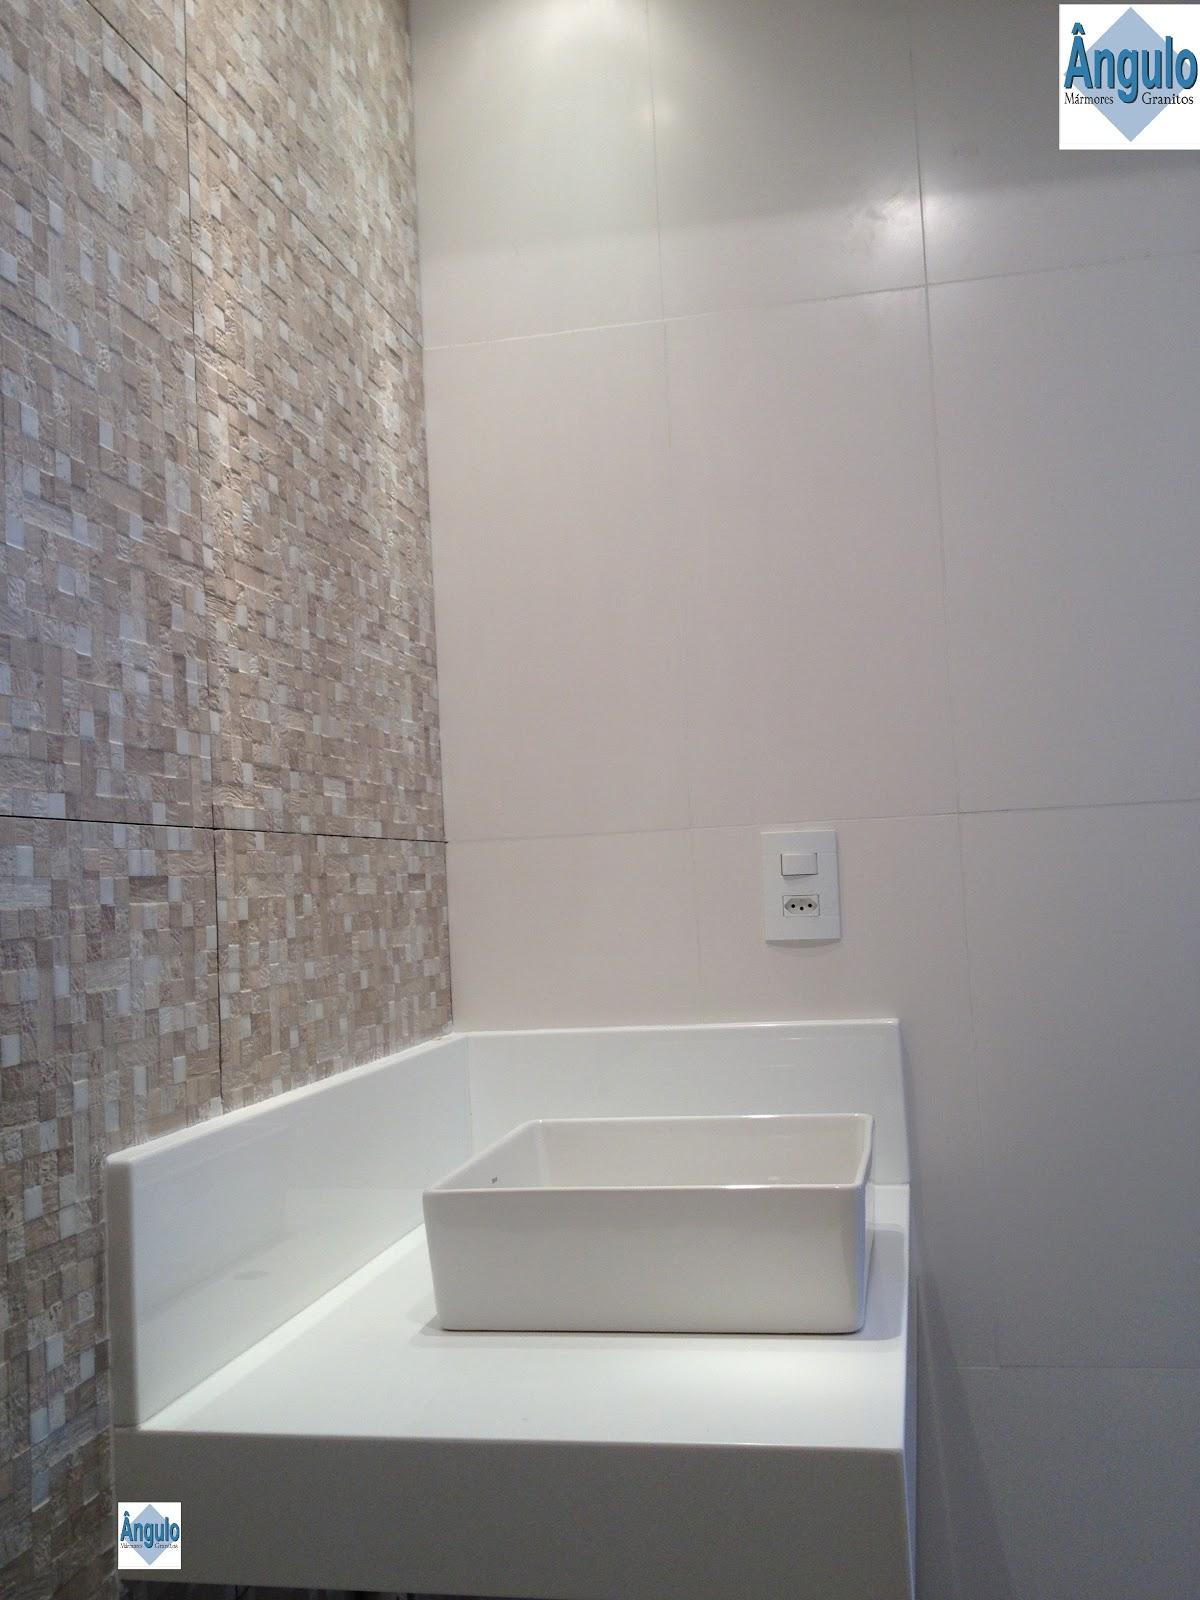 Ângulo Mármores e Granitos Cuba de Apoio  Bancada Nanoglass -> Pia De Banheiro Em Nanoglass